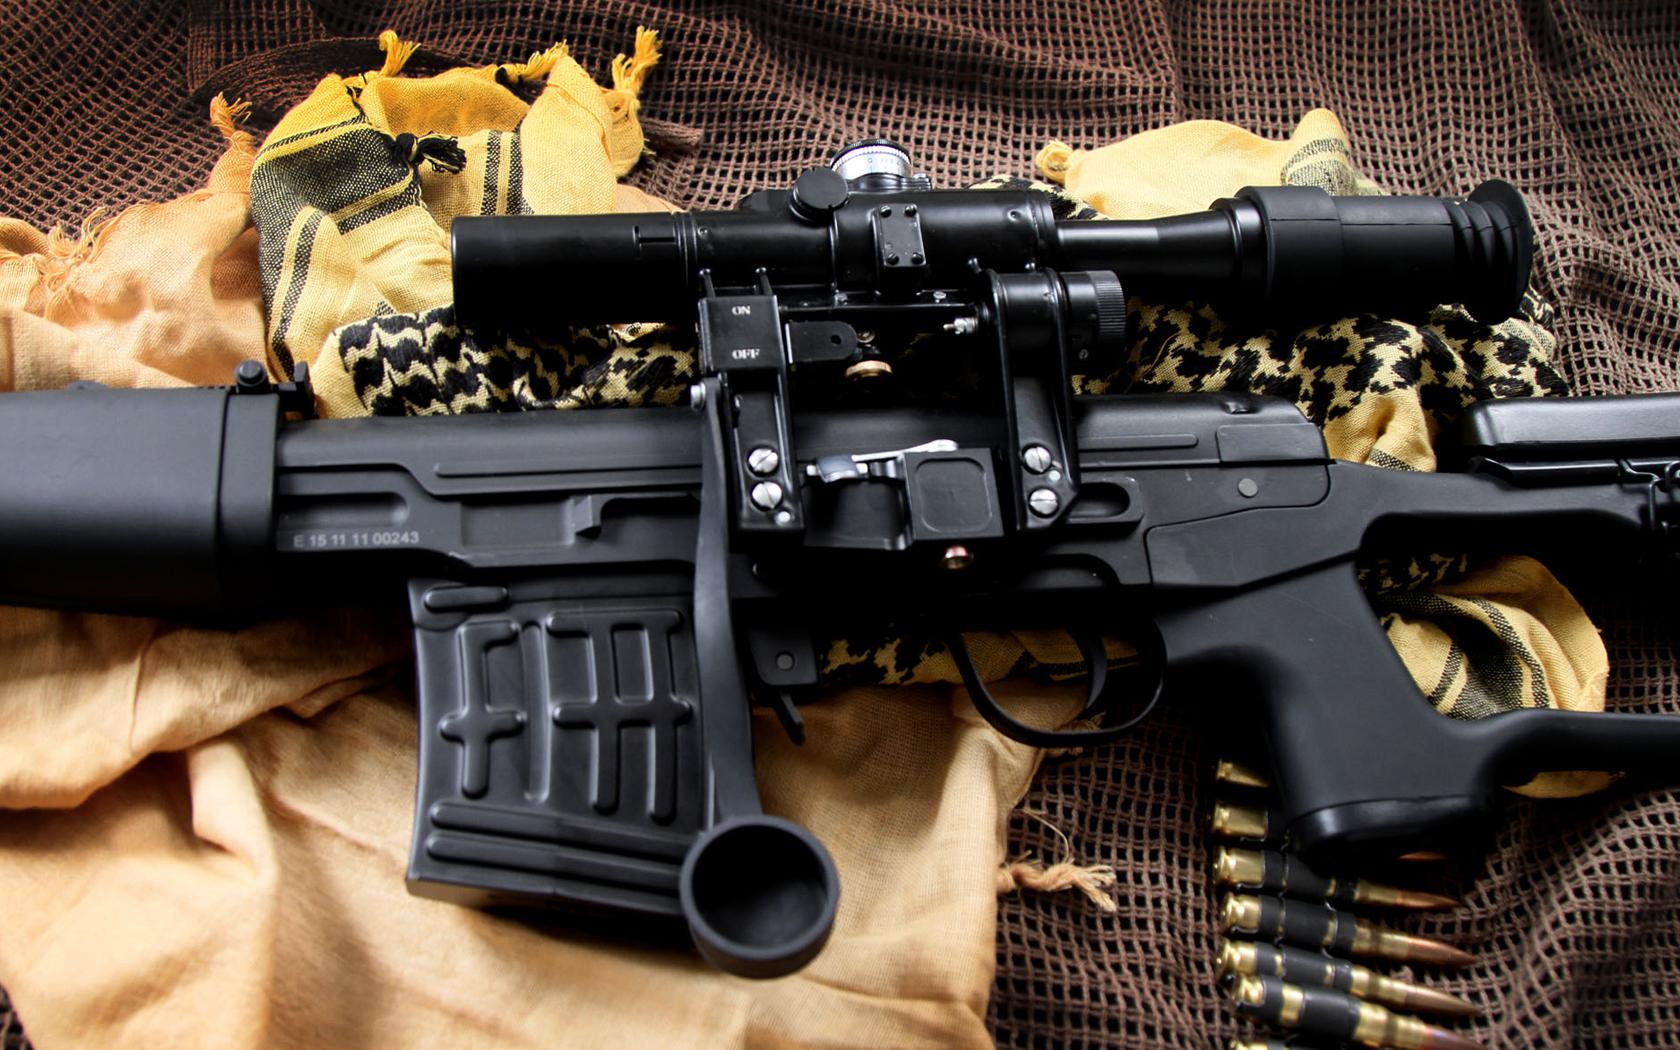 SVD Dragunov sniper rifle, скачать фото, обои на рабочий стол, снайперская винтовка Даргунова, СВД